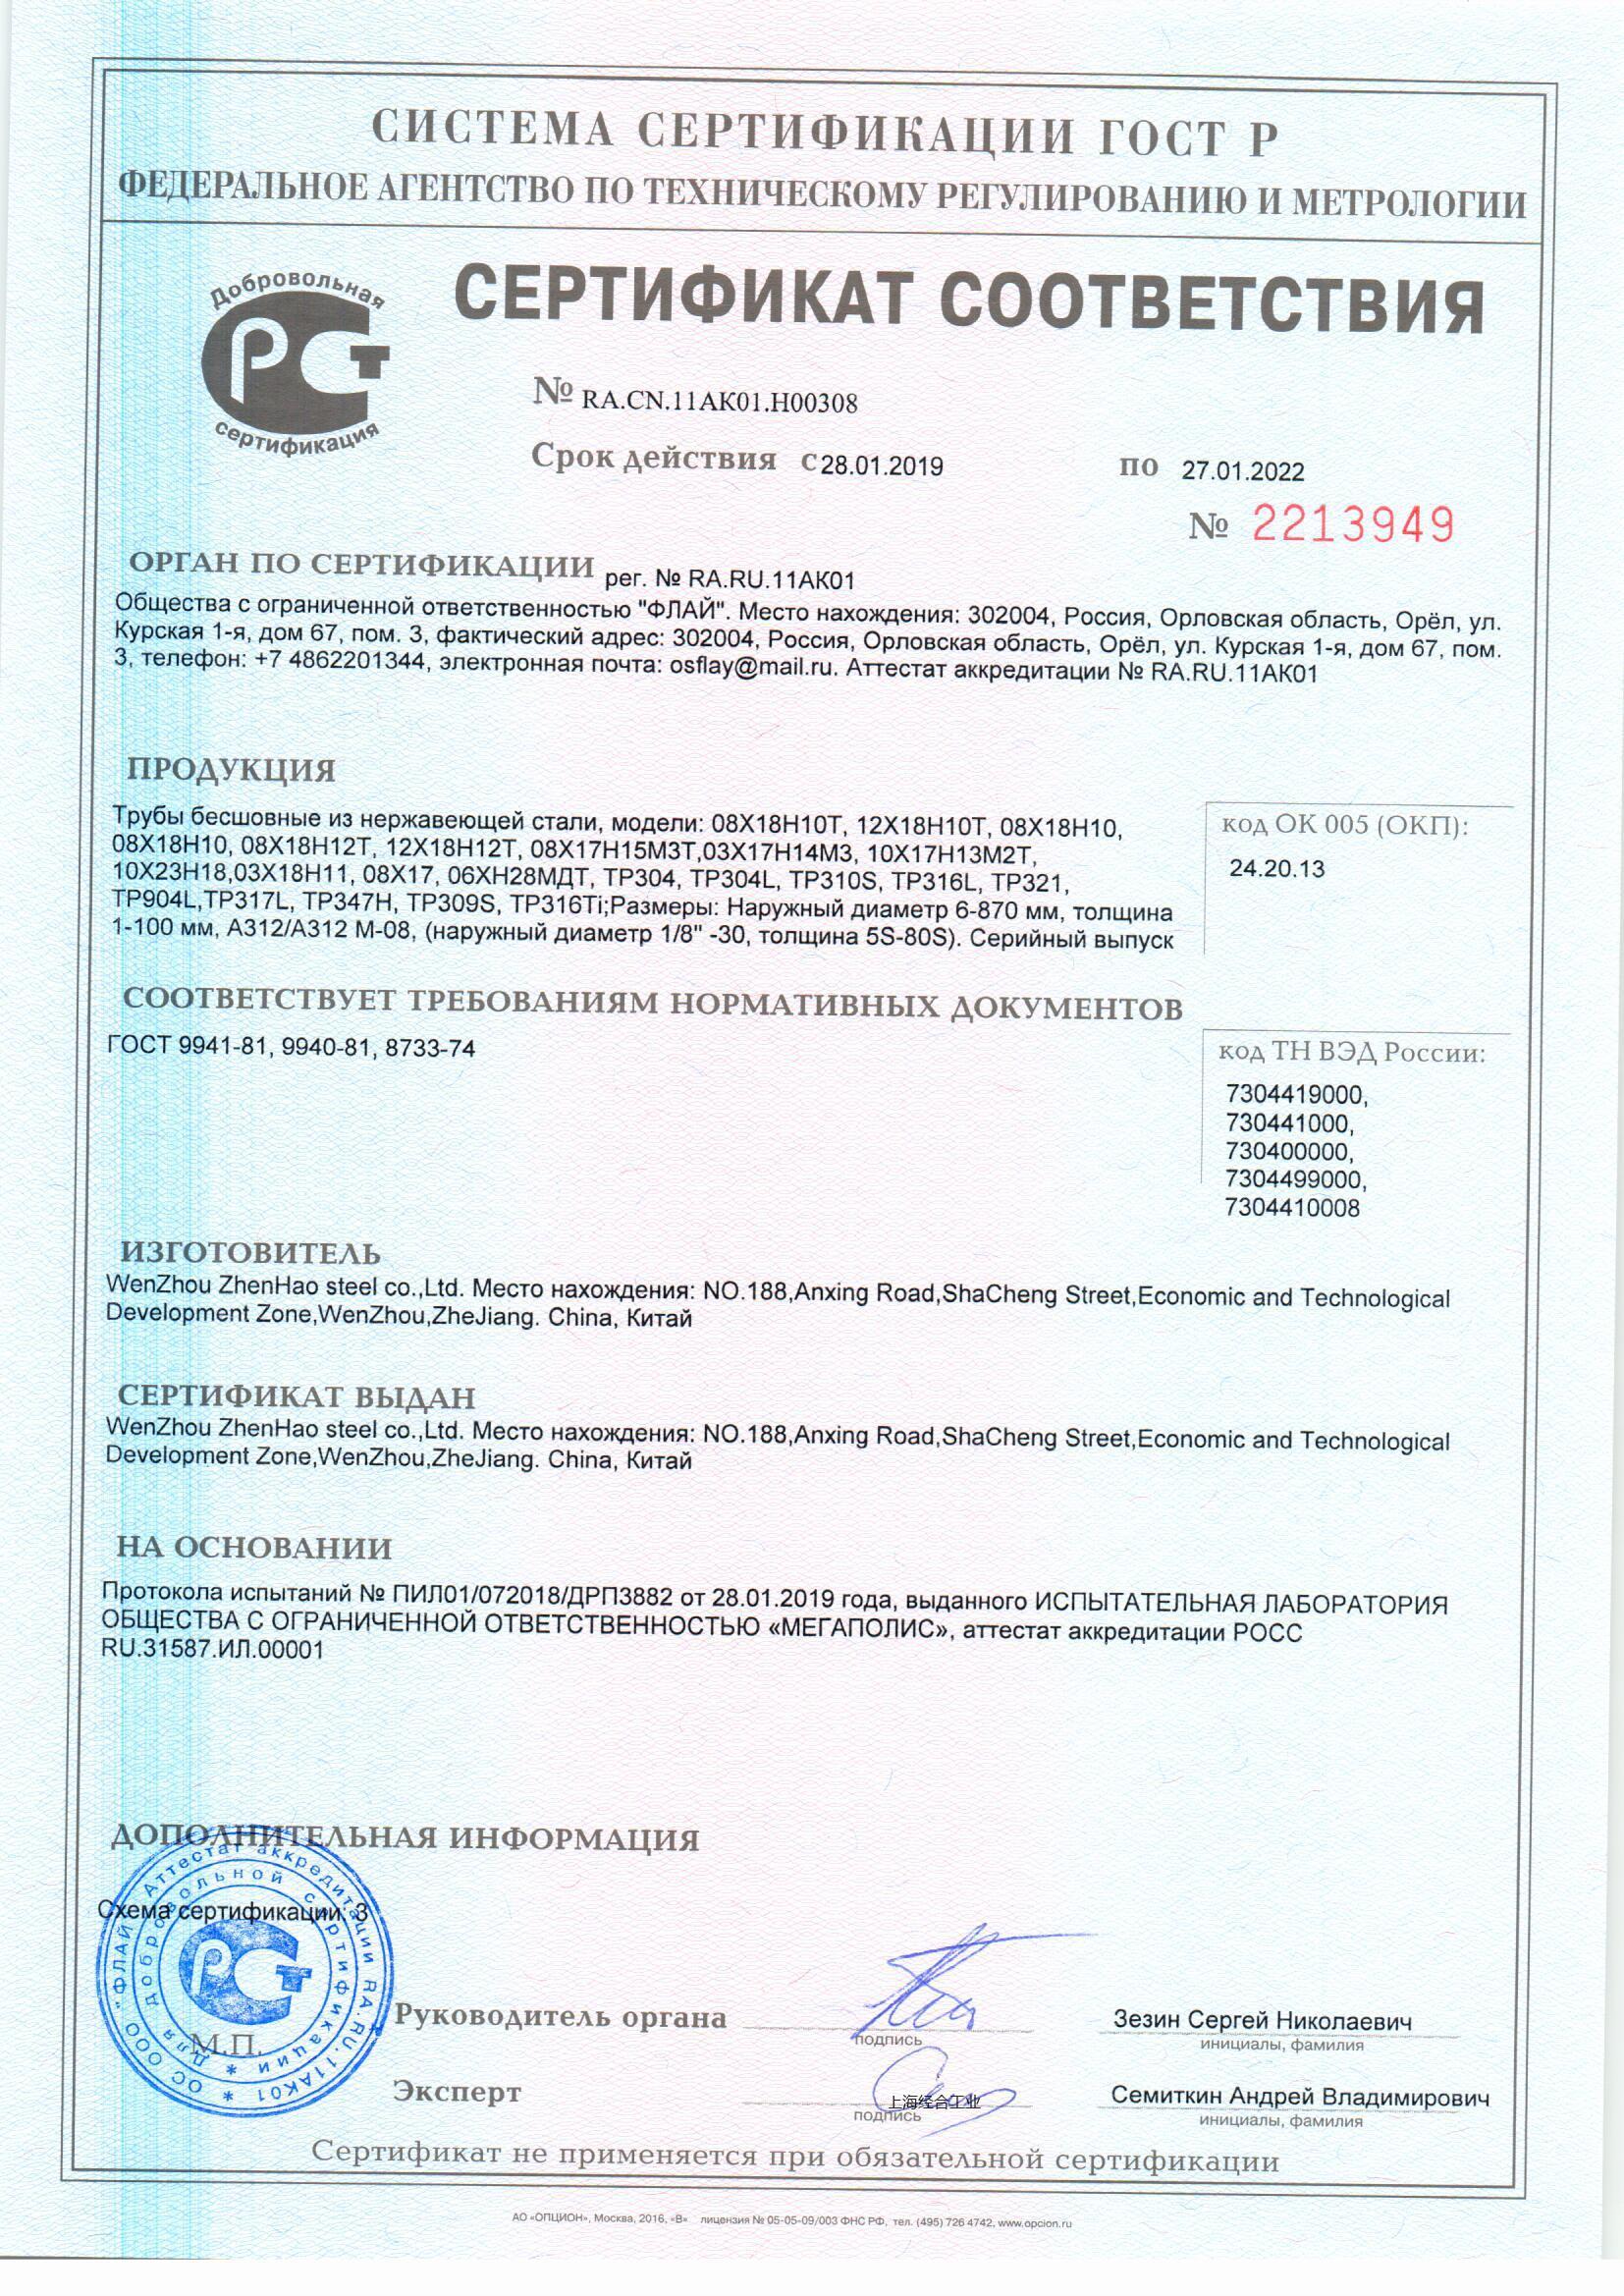 自愿性GOST-R证书(voluntary GOST-R certification)